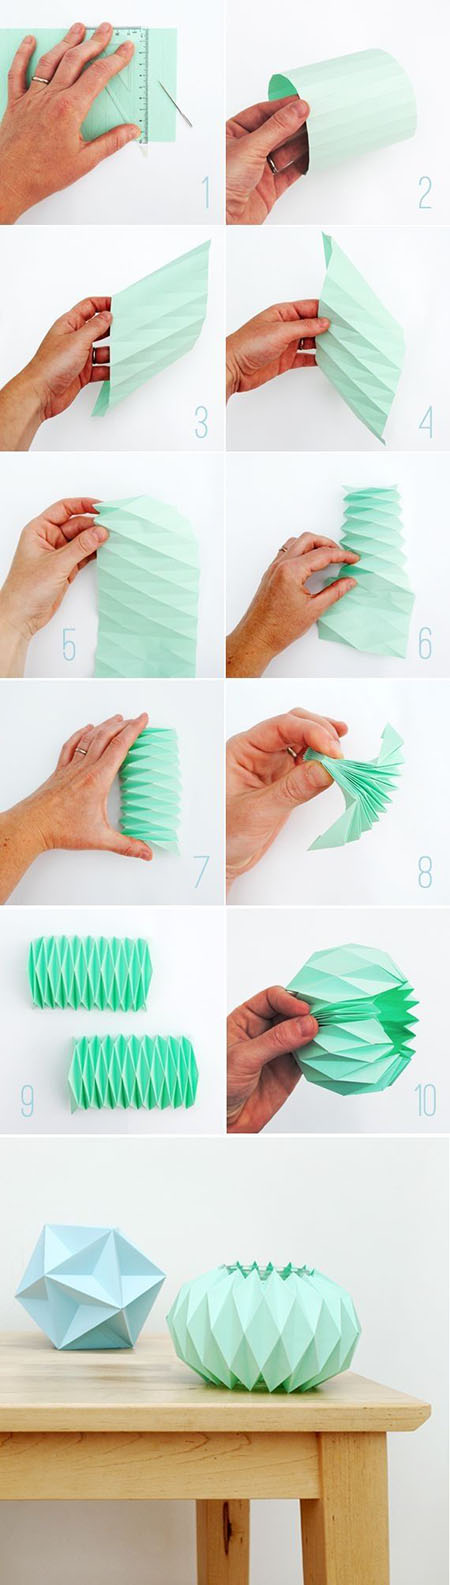 18  origami lampshadeebf15e8a641e